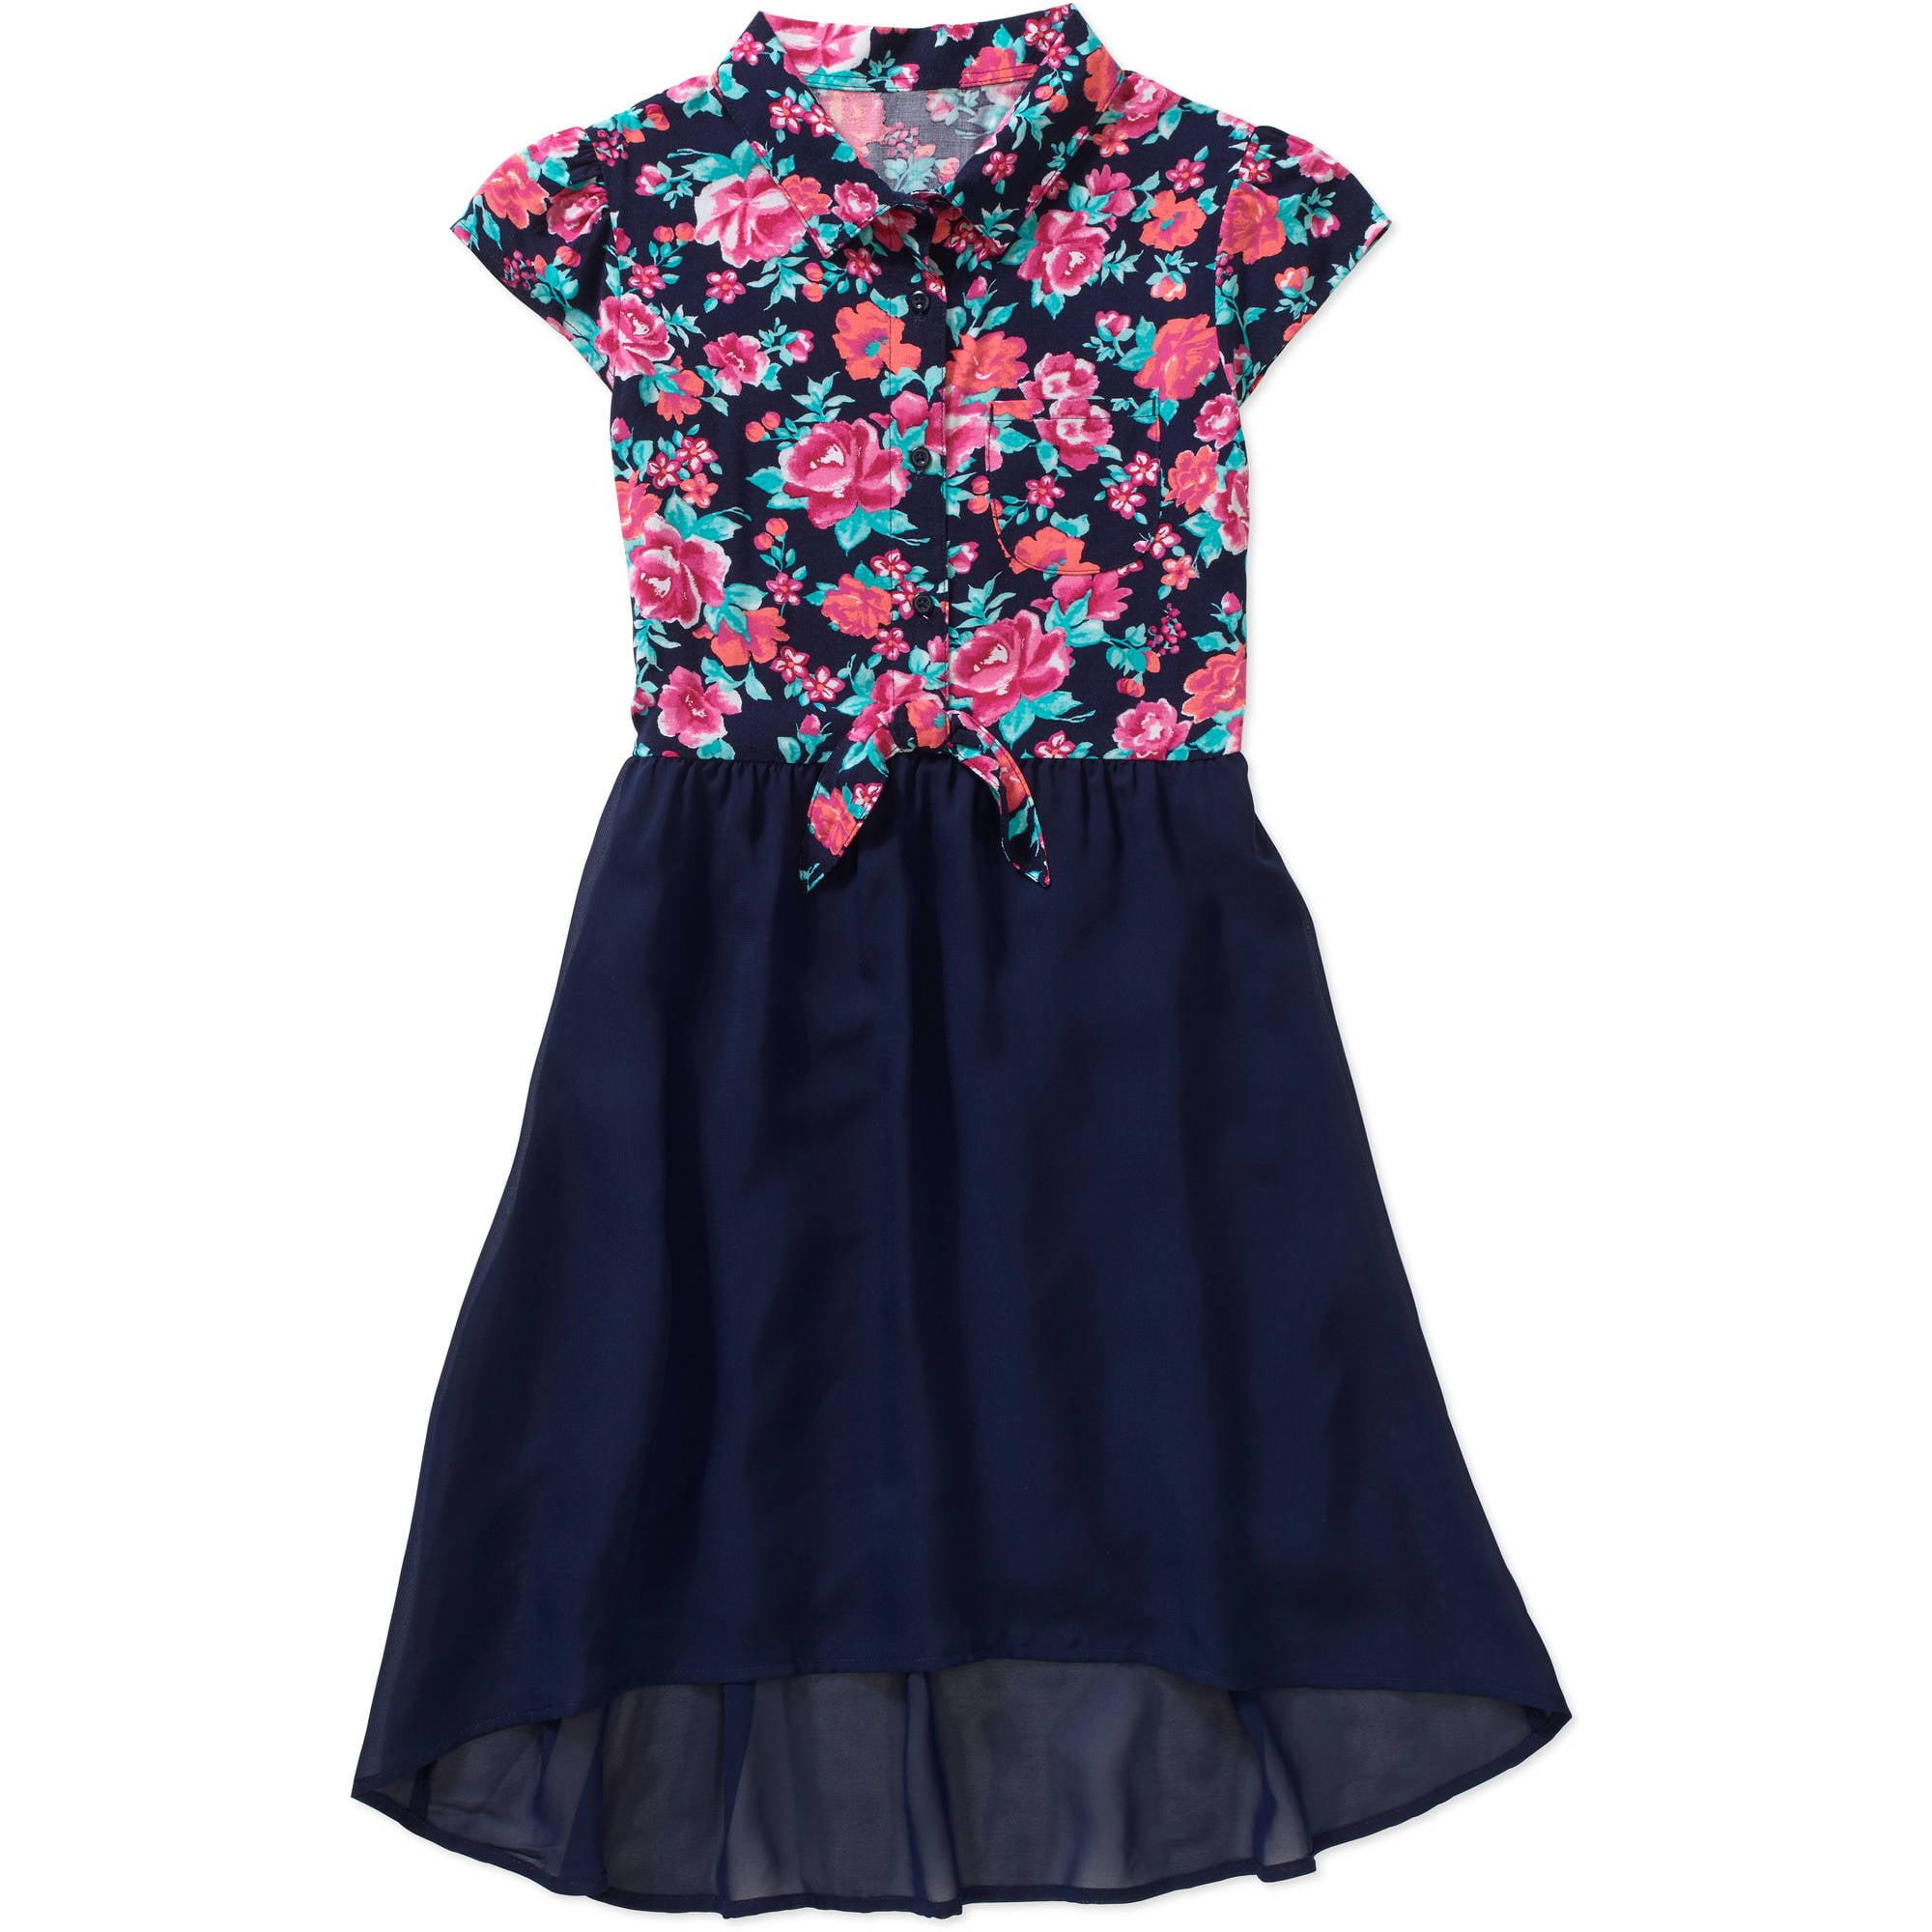 Faded Glory Girls' Dresses & Rompers - Walmart.com